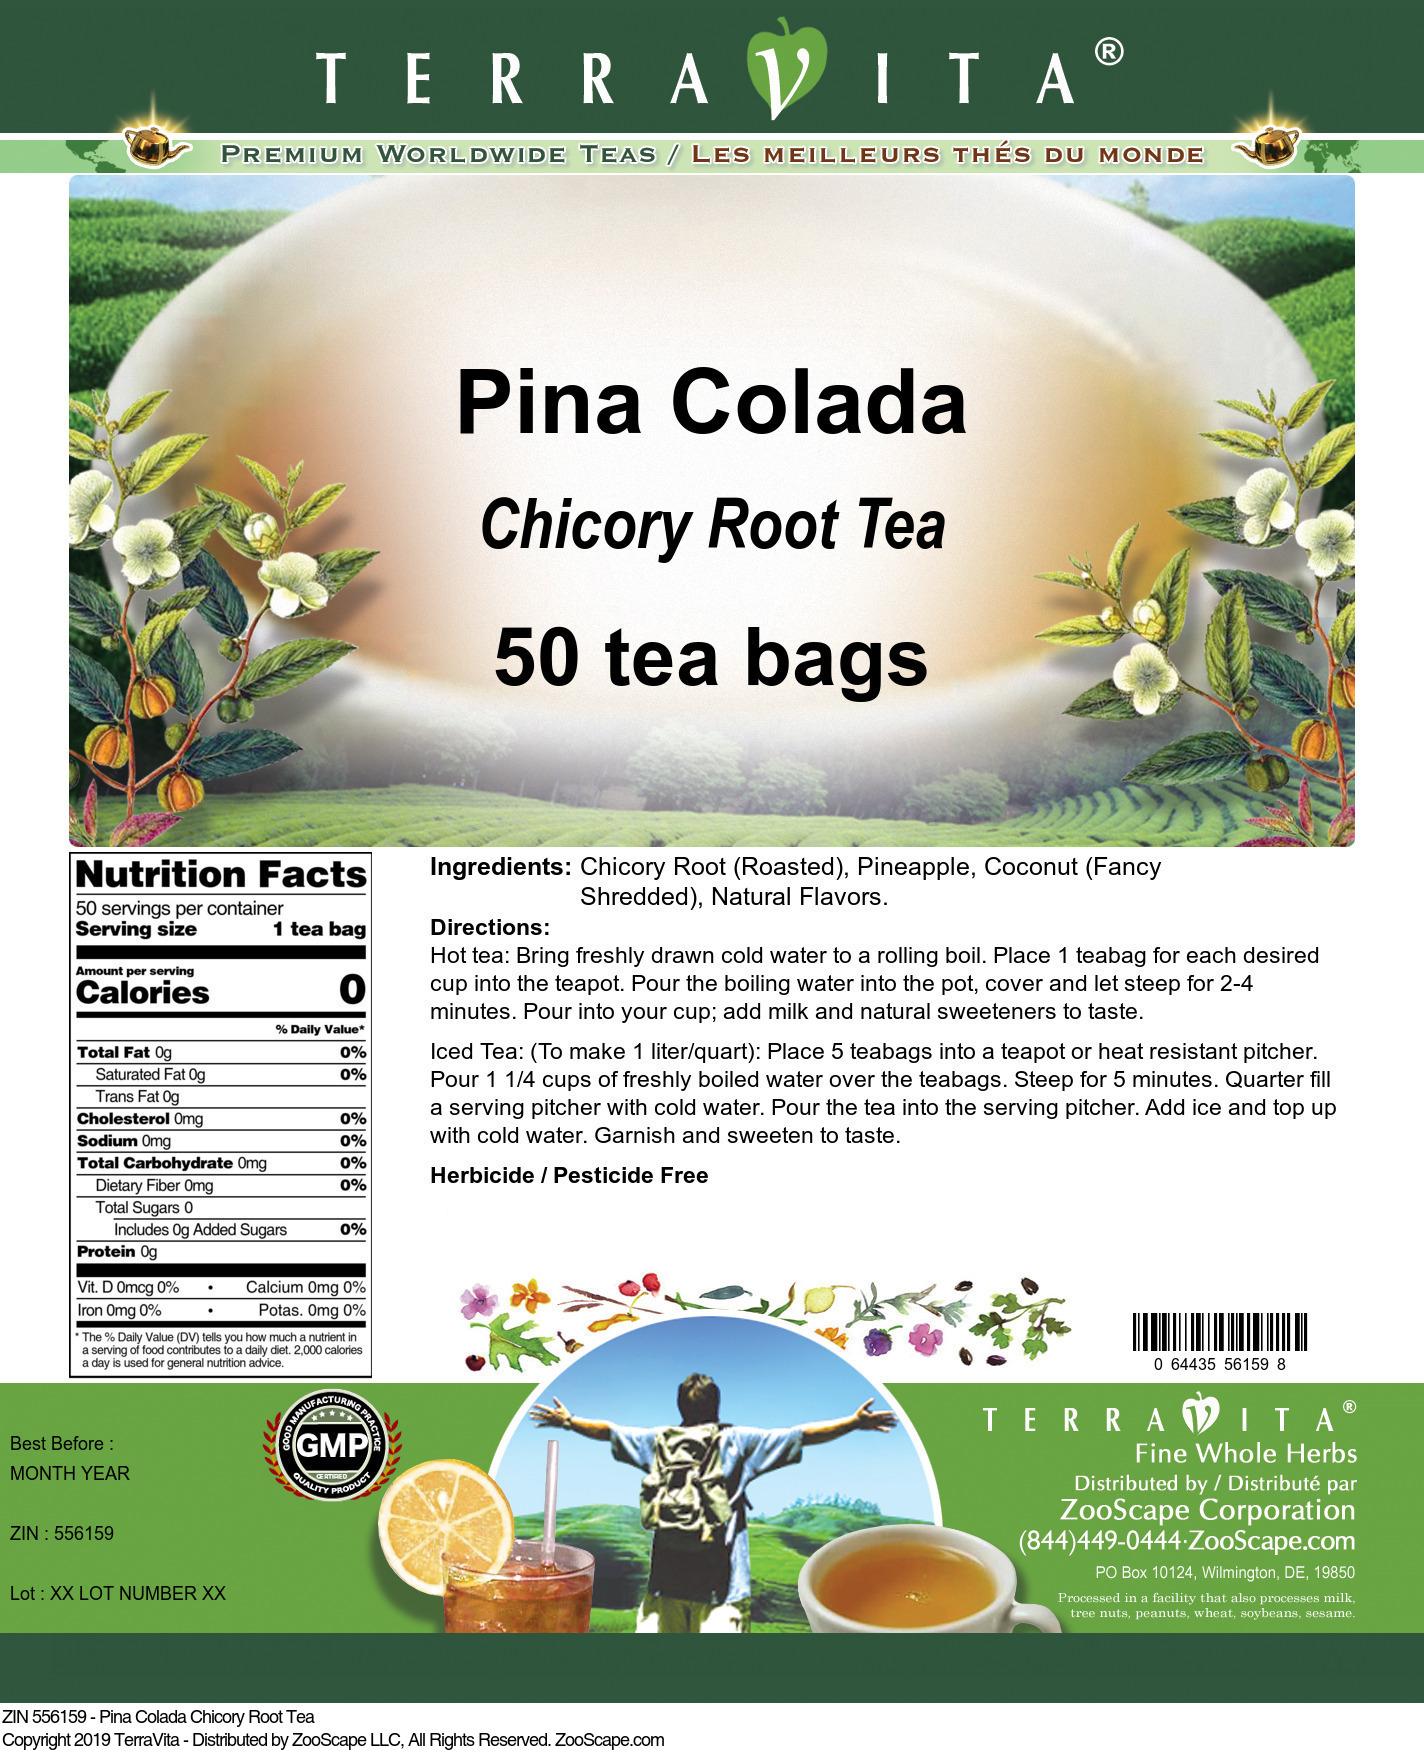 Pina Colada Chicory Root Tea